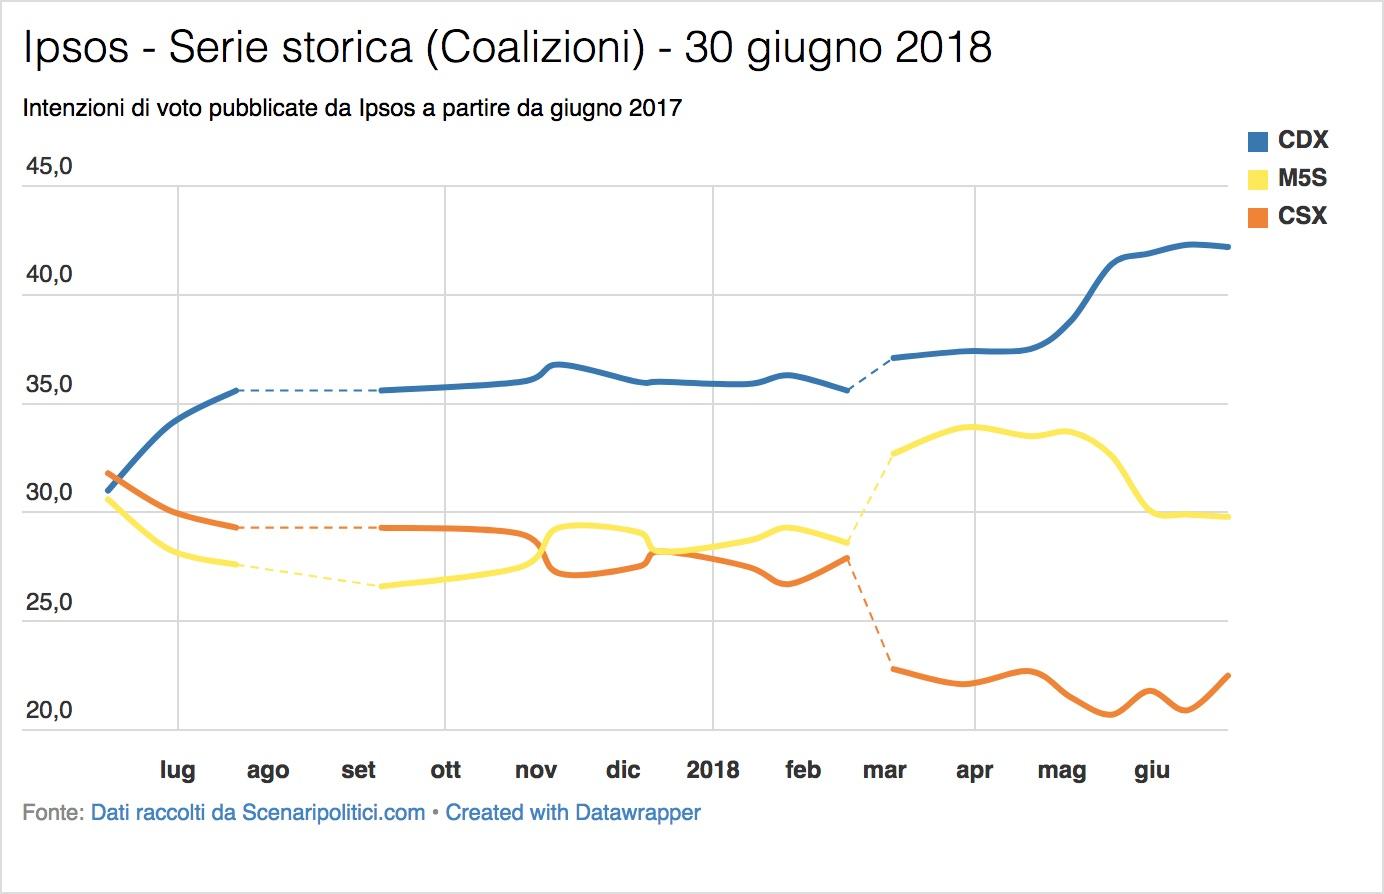 Sondaggio Ipsos (30 giugno 2018)